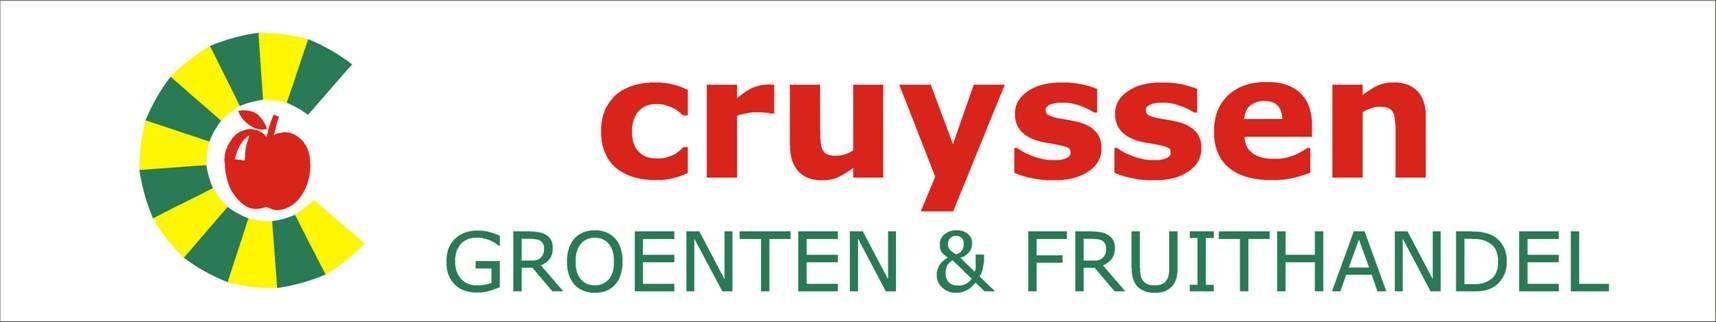 logo-cruijssen-groenten-en-fruit